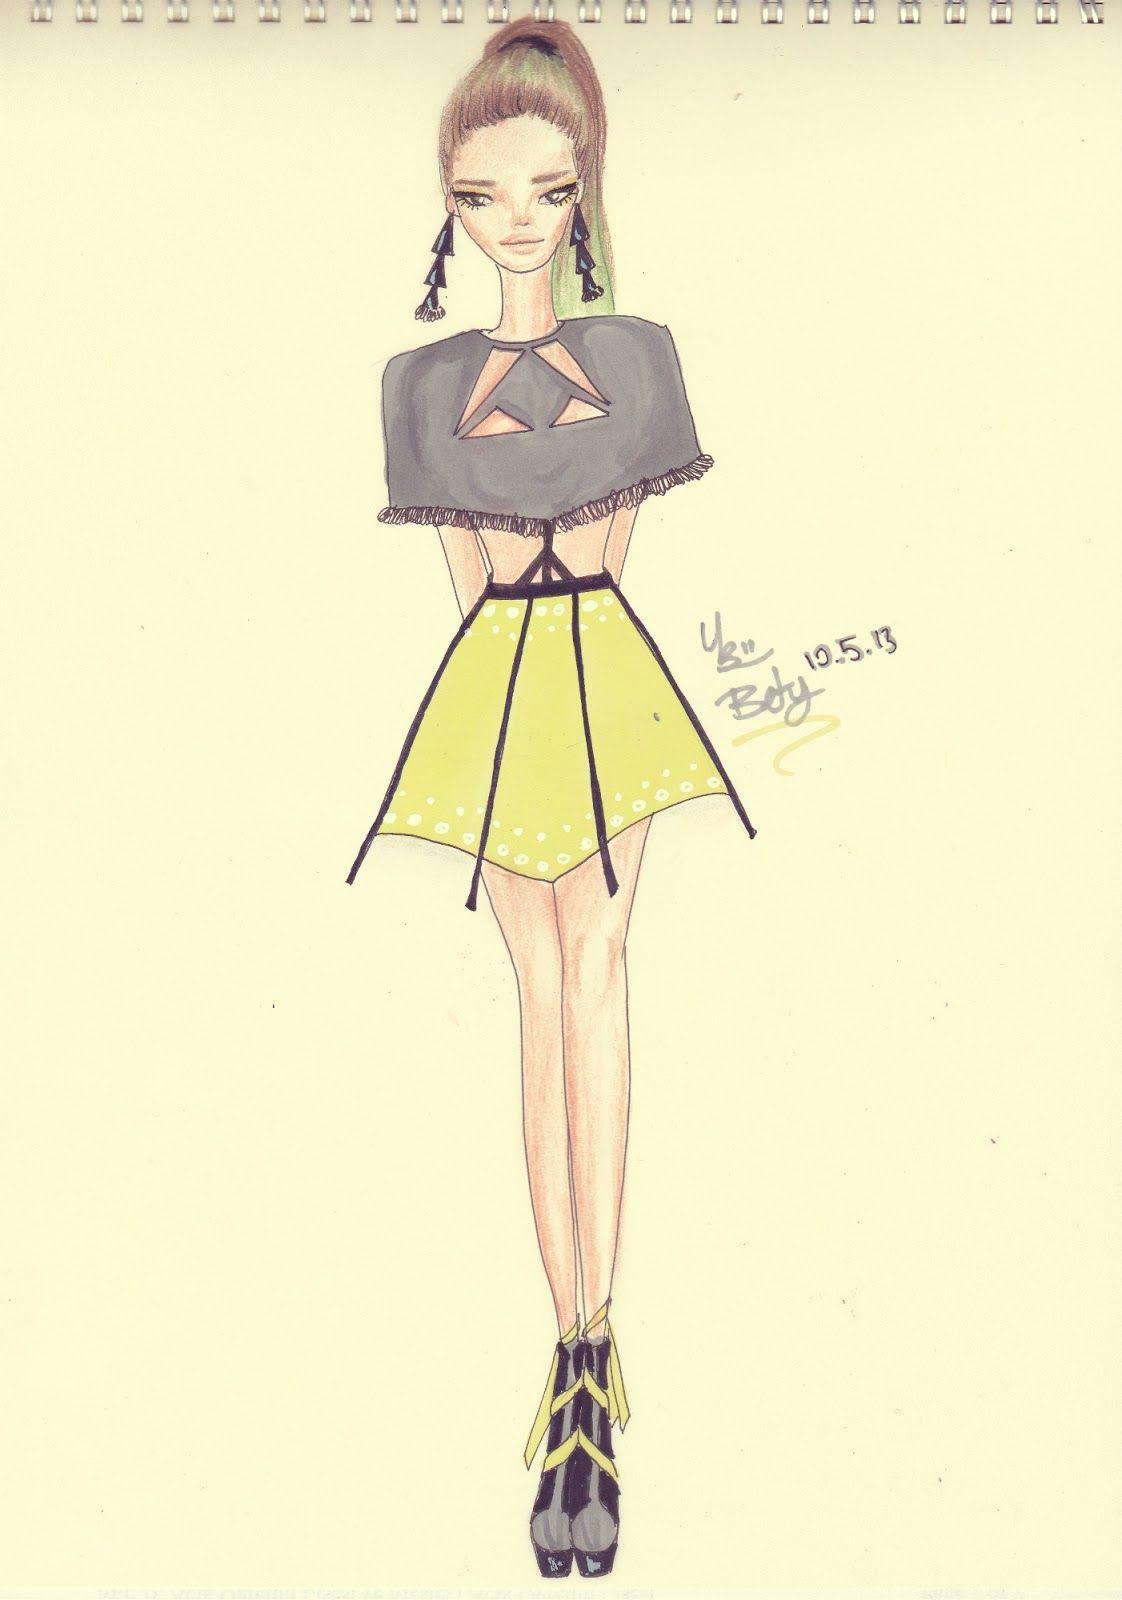 04e7a1392e83d Bence çok hoş yazın giyebilirsiniz Dikiş Patronları, Moda Karalamaları,  Moda Çizimleri, Etekler,